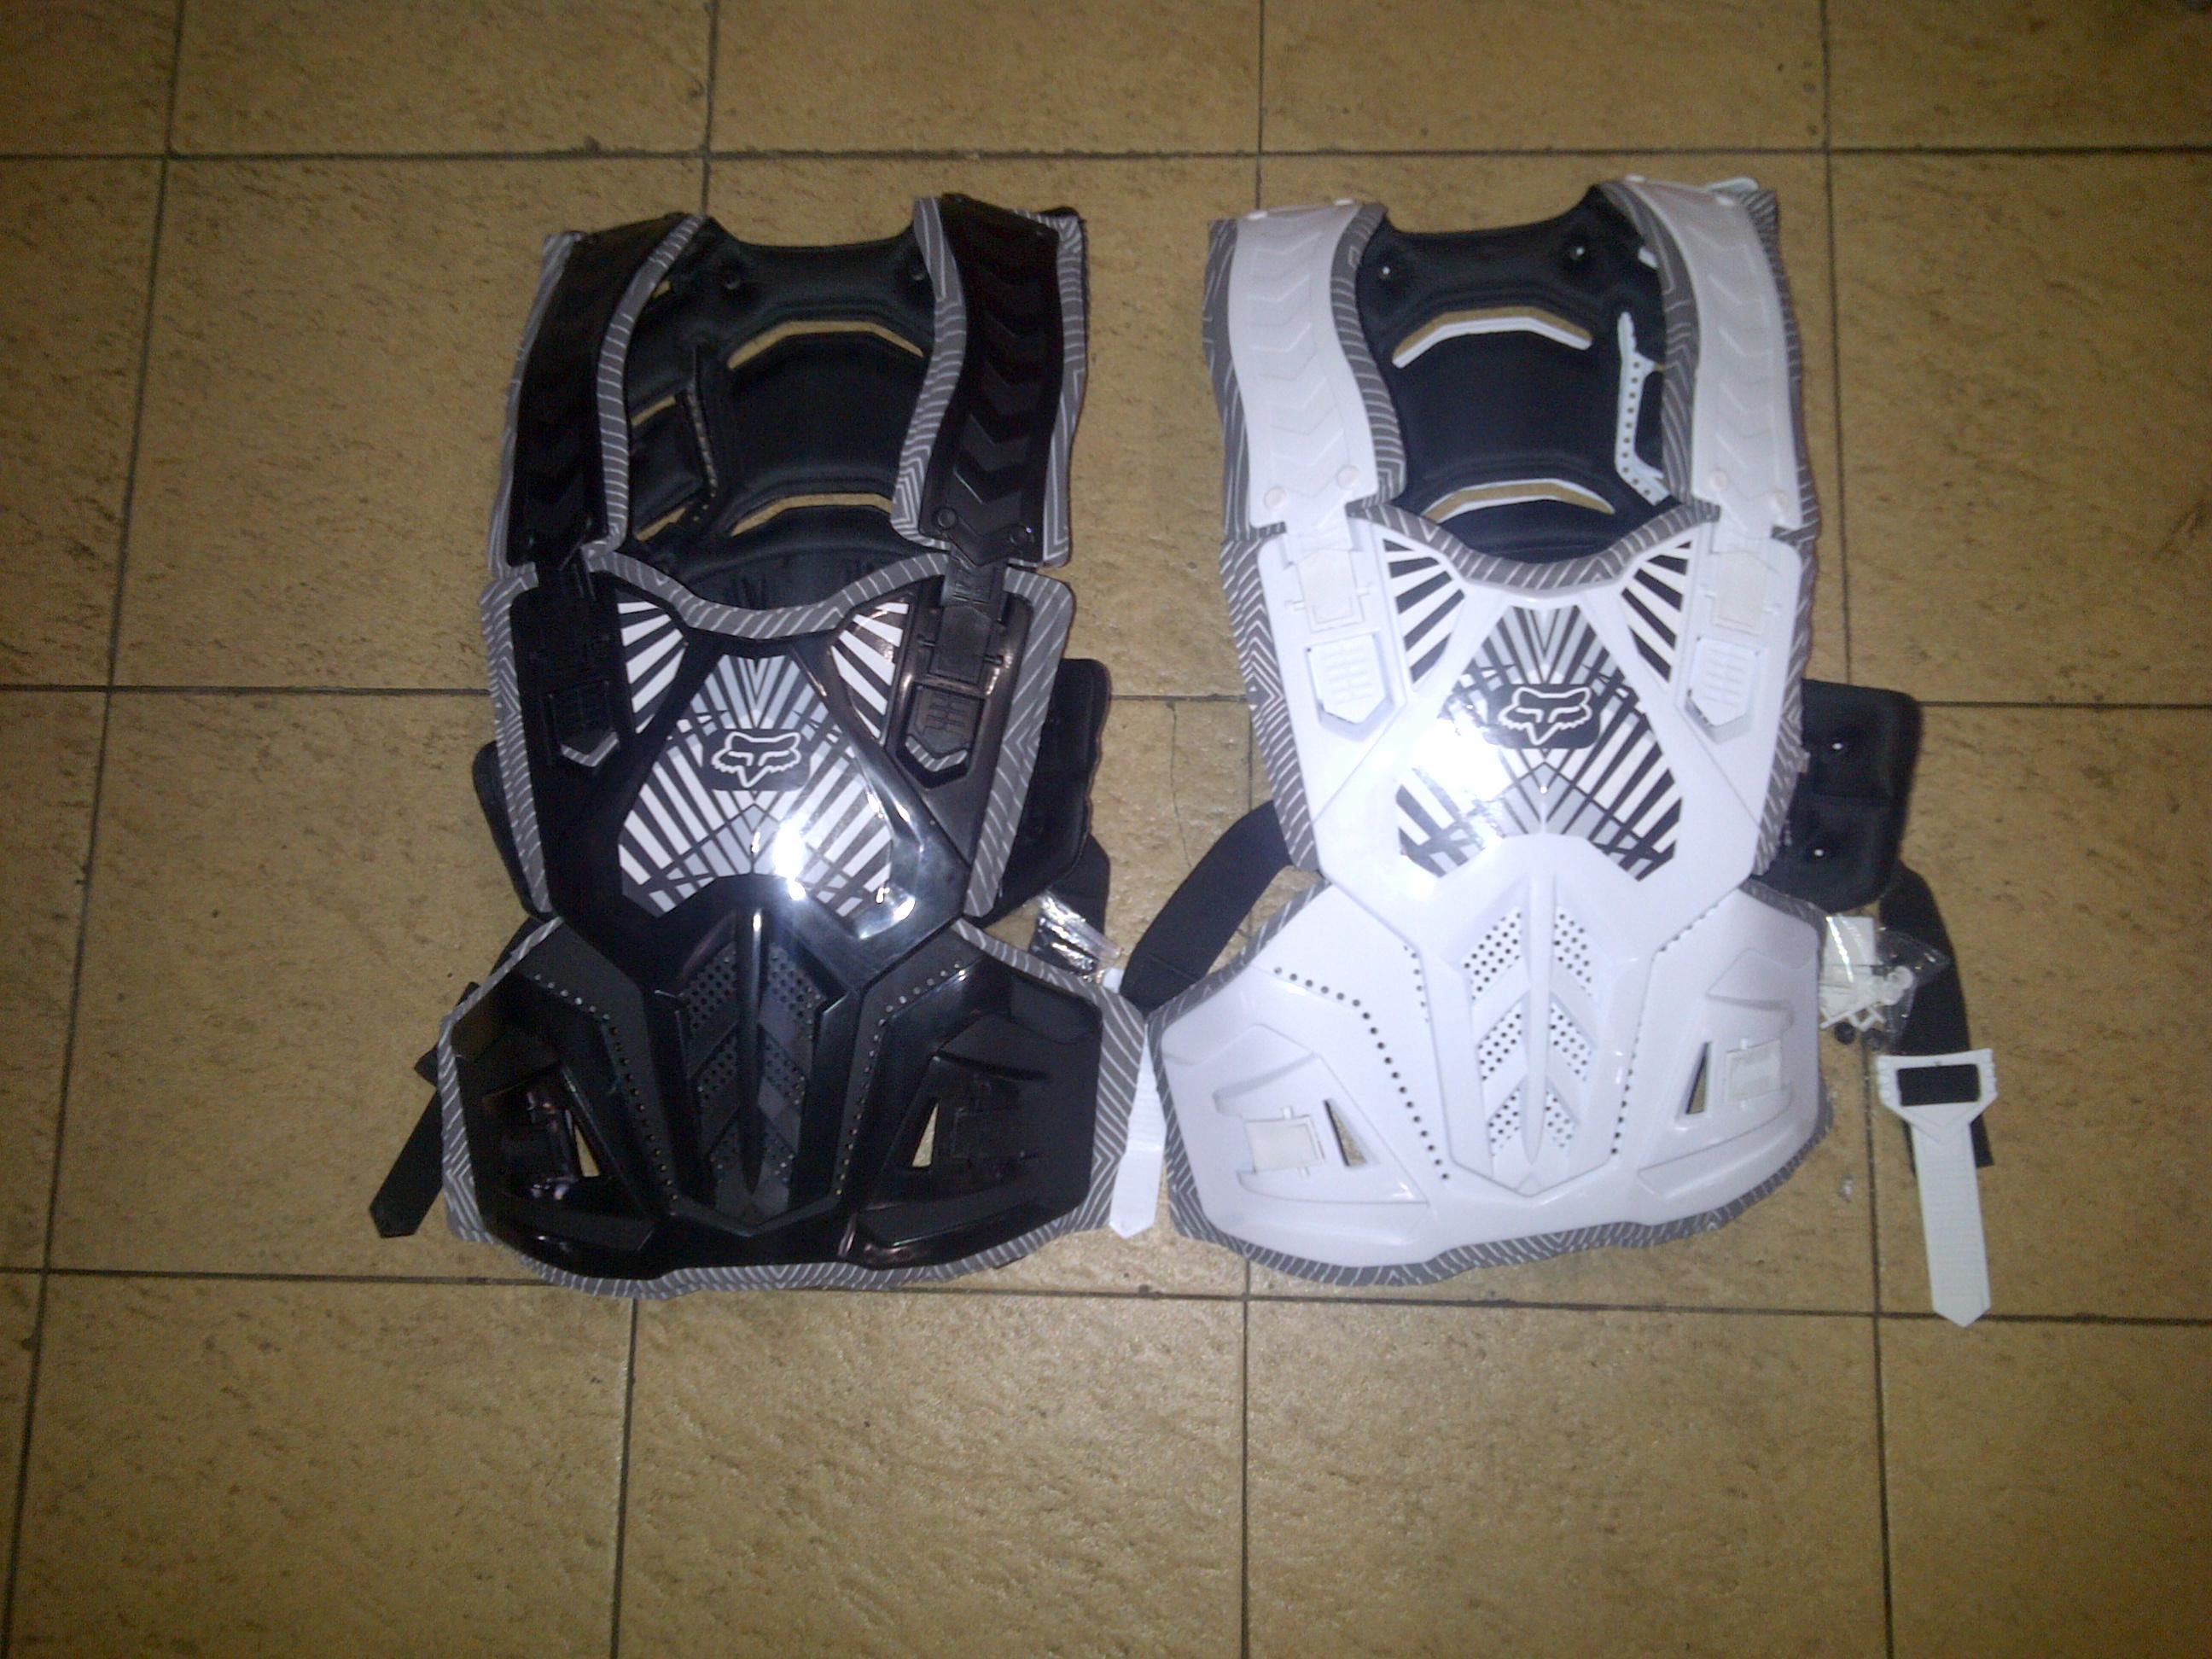 Kebon Jeruk 20130627 00521 Jual body protector merk FOX